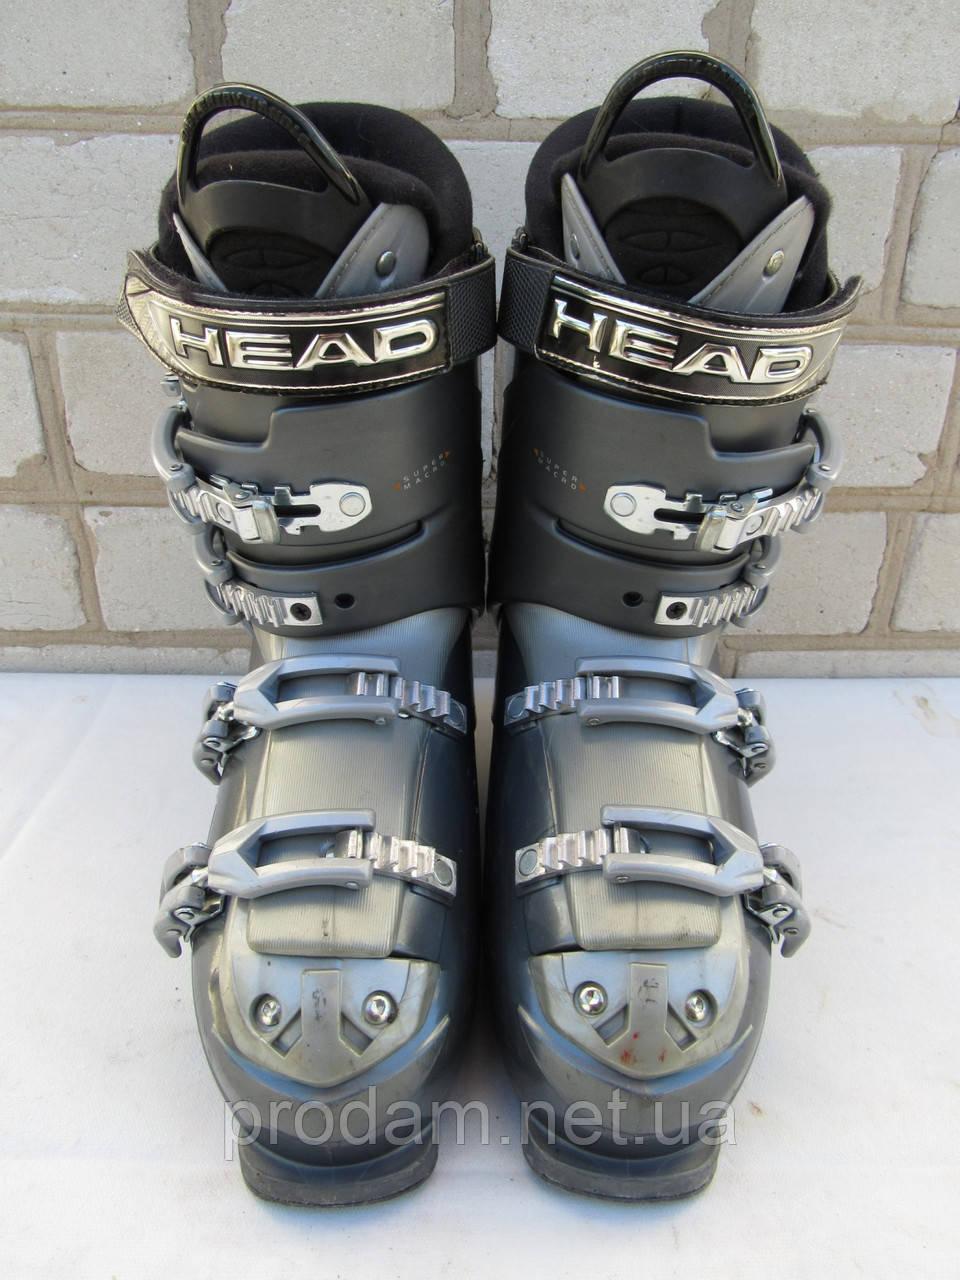 Ботинки для лыж Head Edge 28.5 см